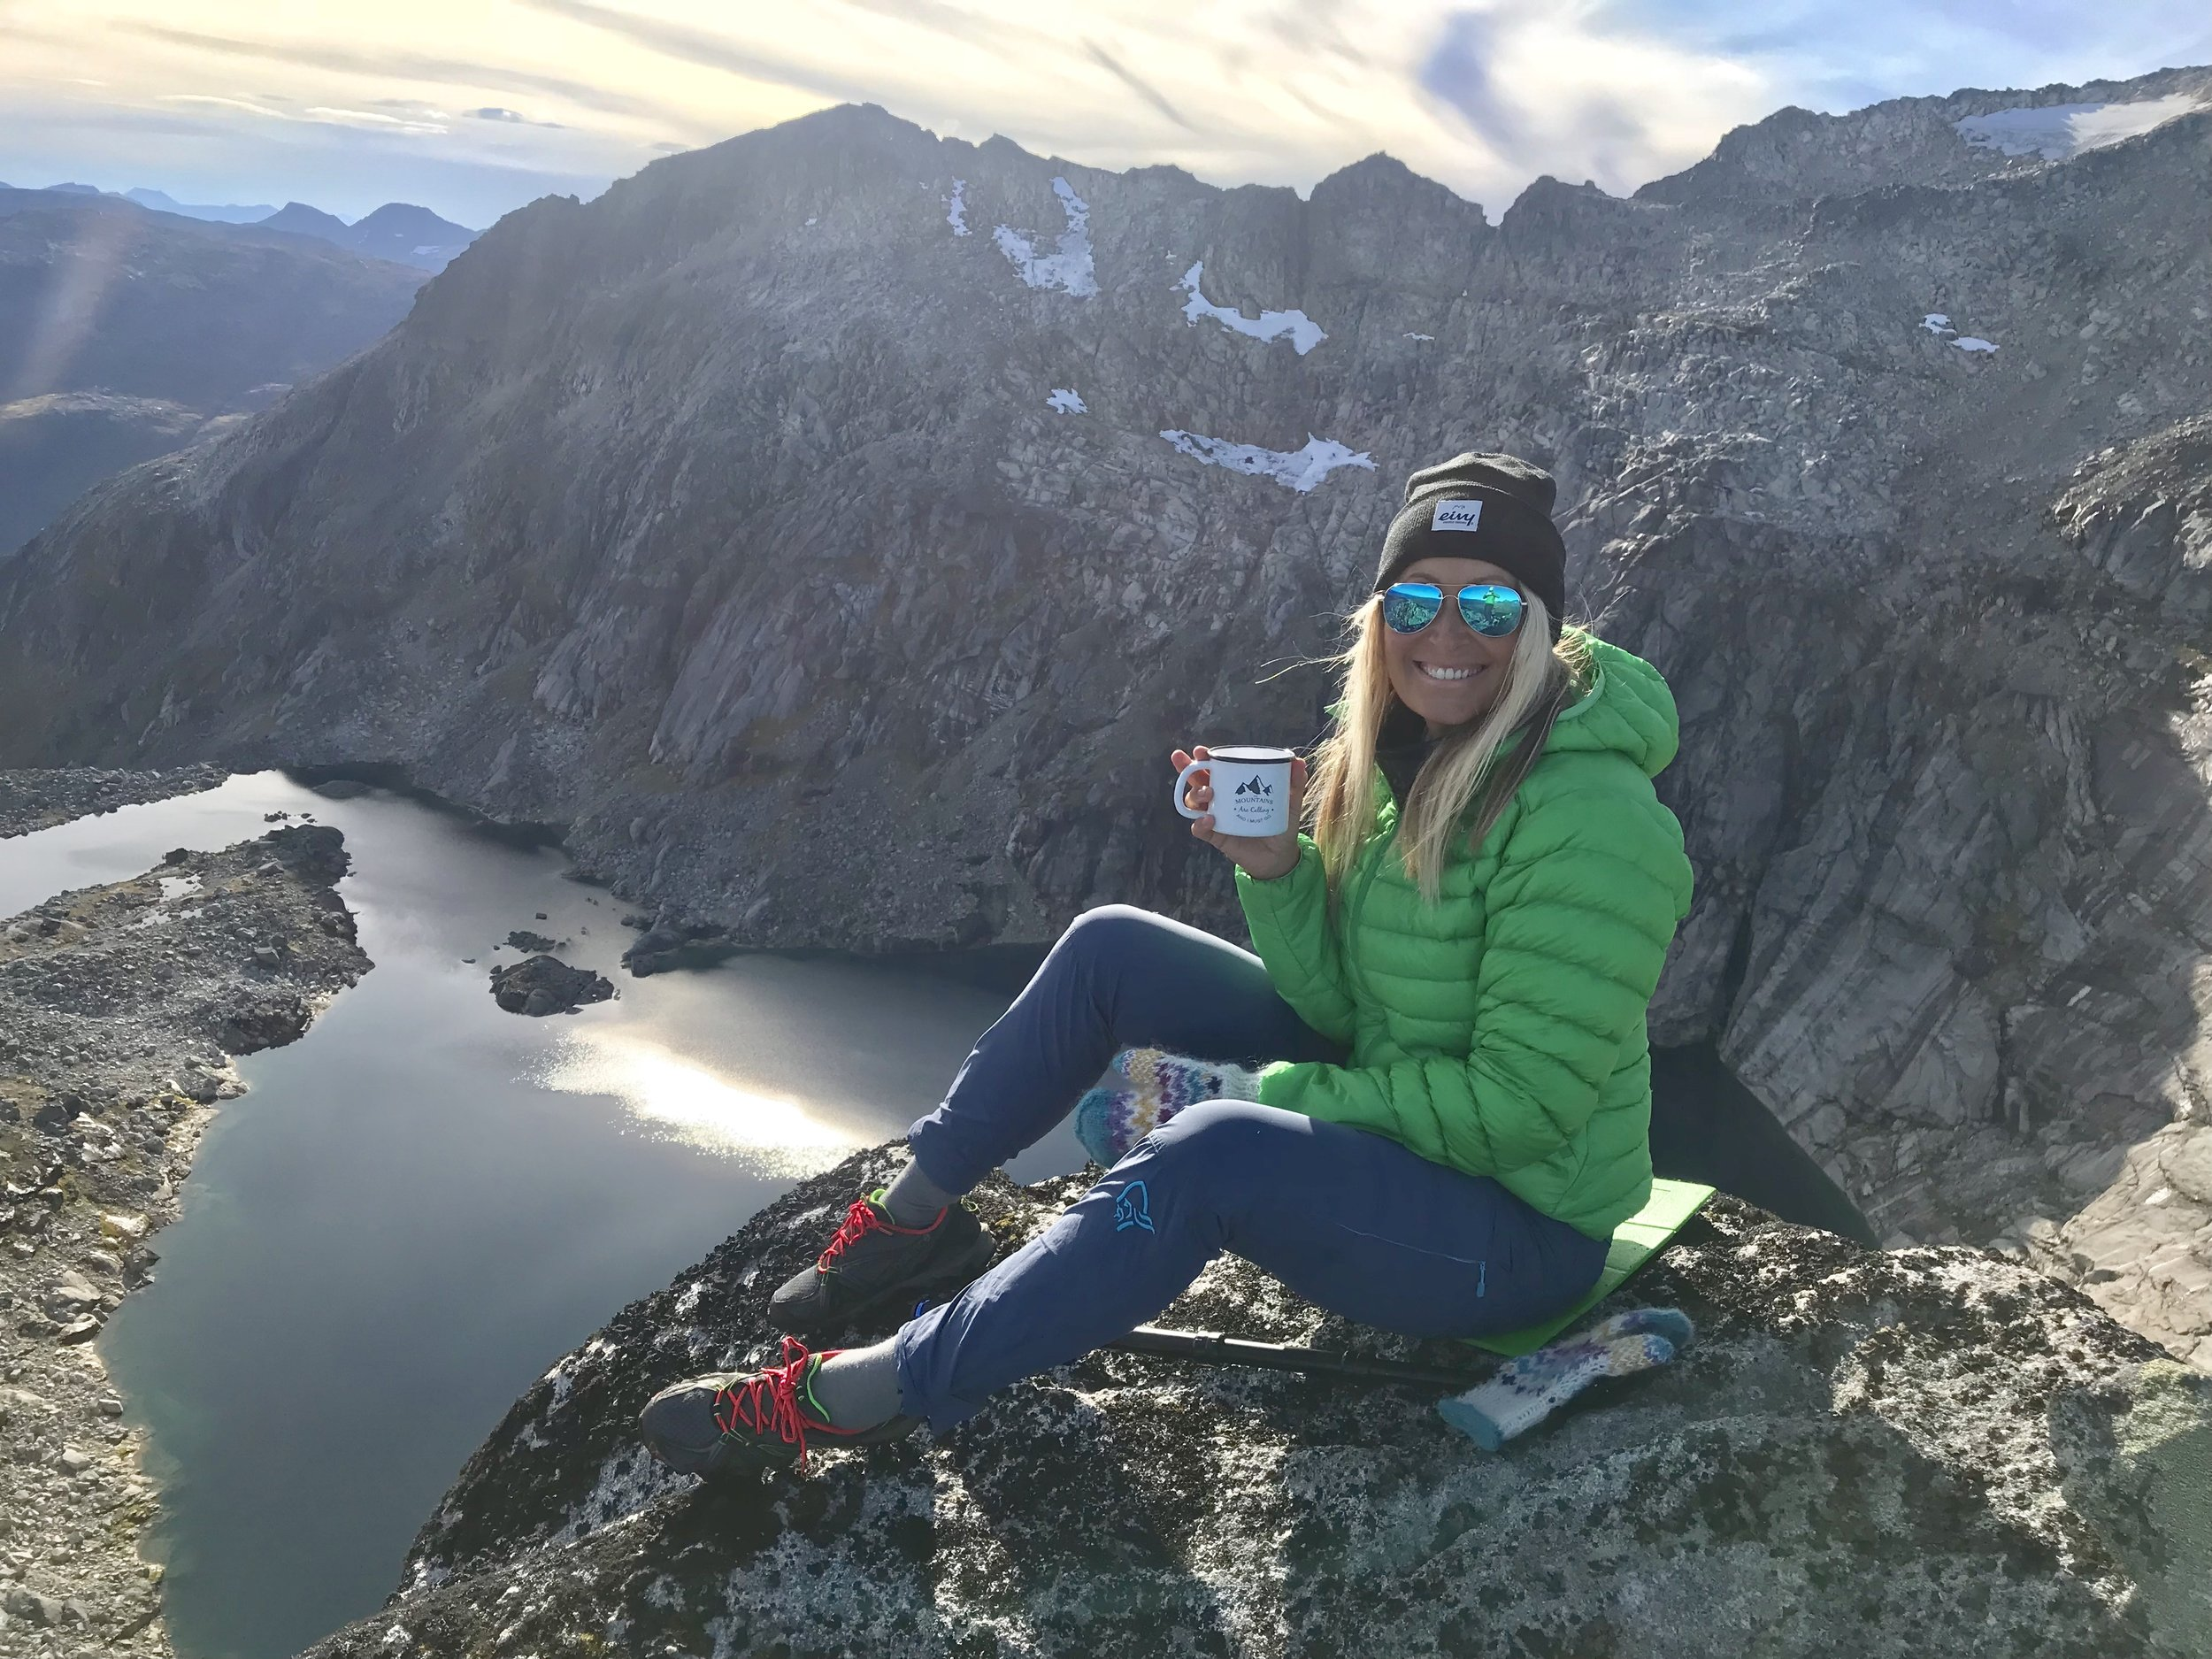 Me, on the top Soria Moria at Kvaløya, september 2018